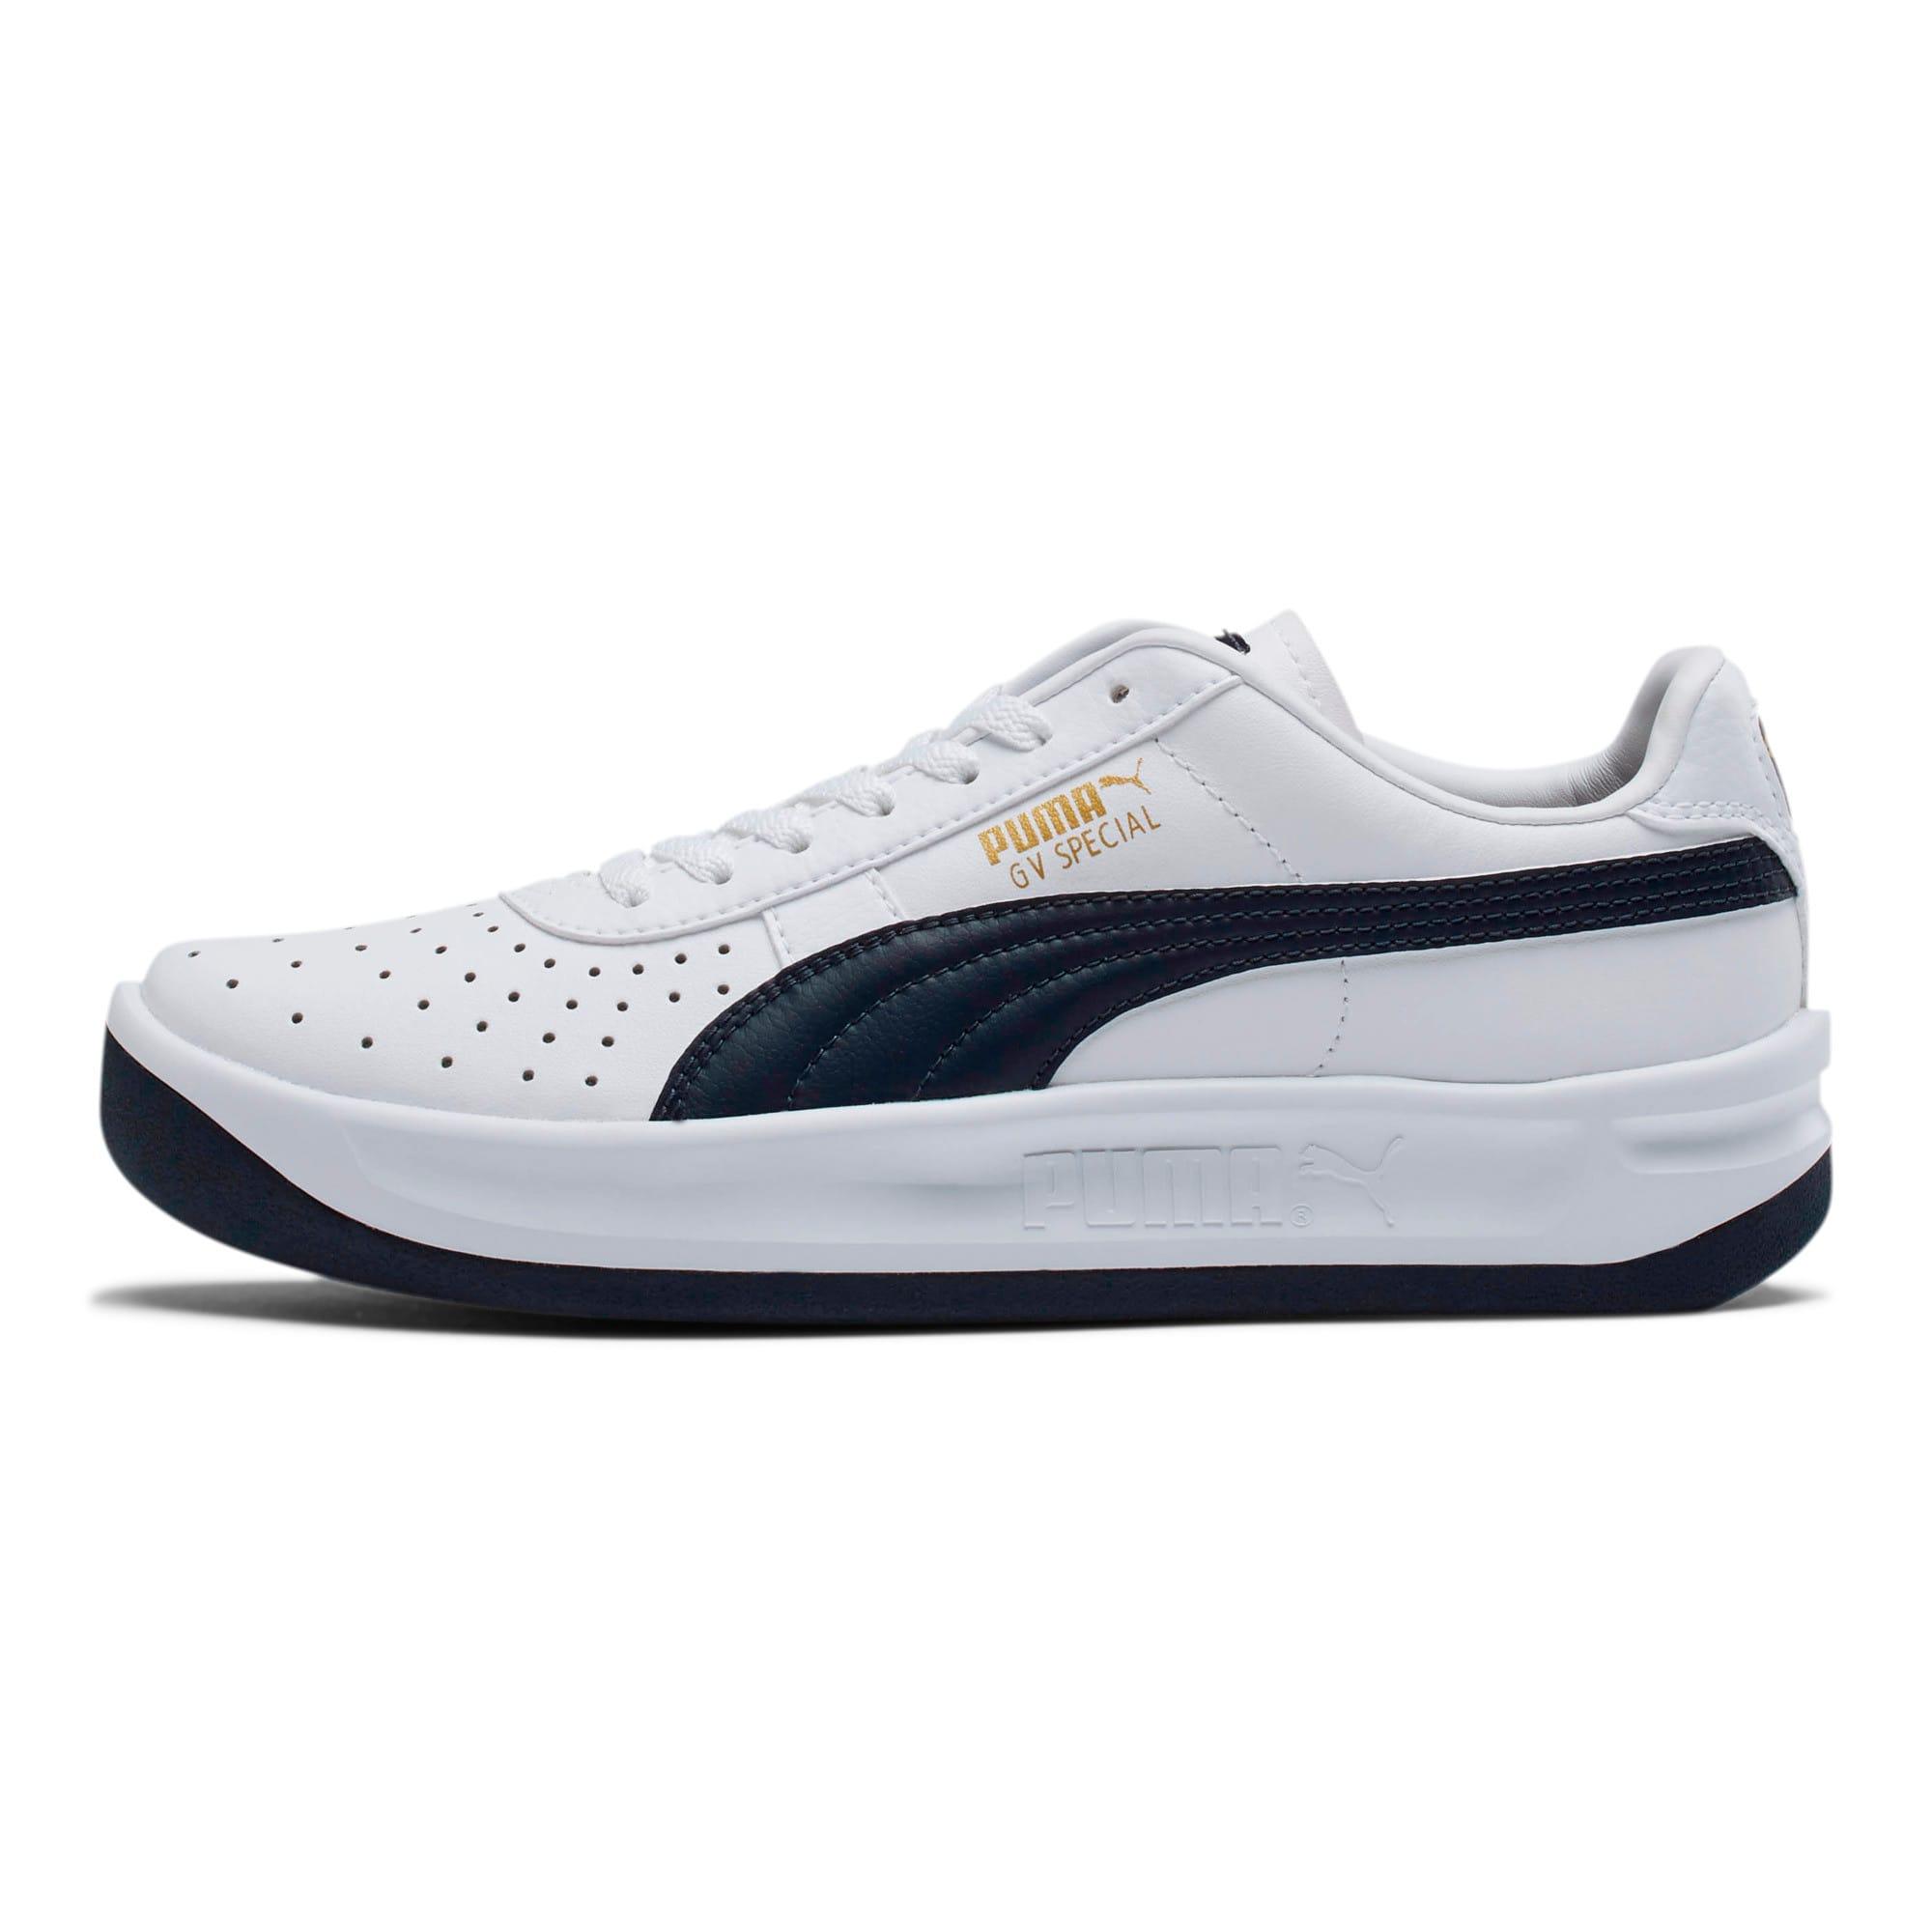 Miniatura 1 de Zapatos deportivos GV Special JR, Puma White-Peacoat, mediano